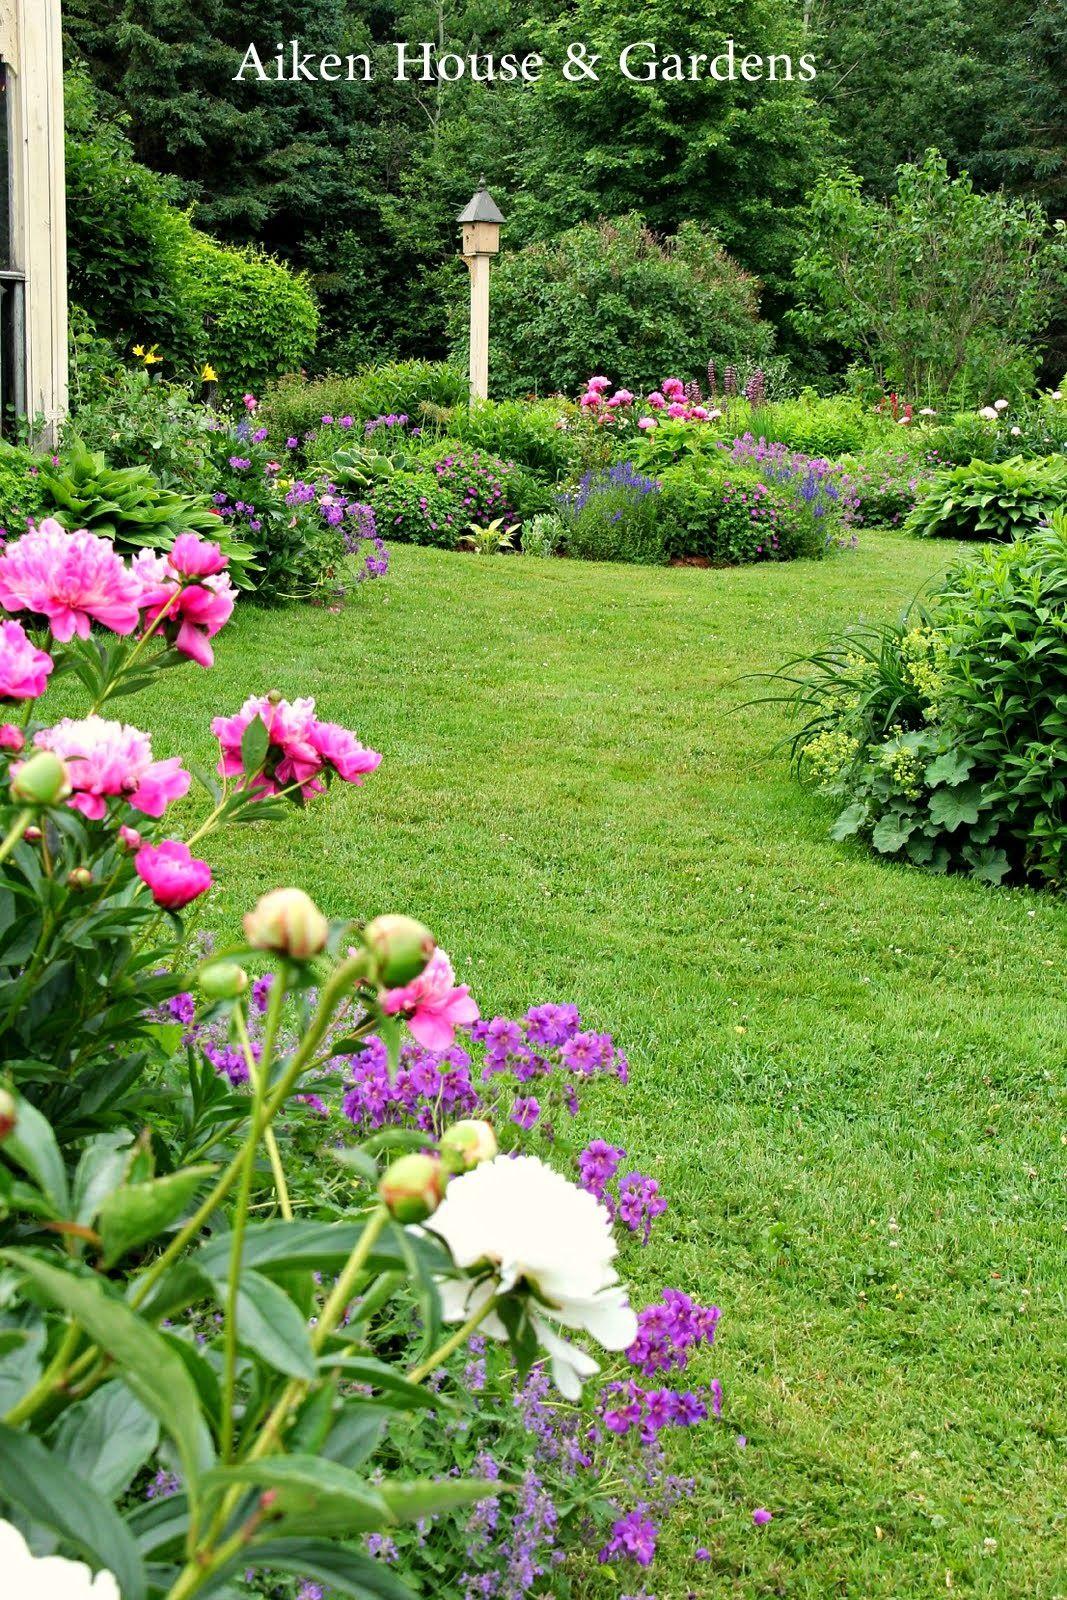 Aiken House Gardens In An English Country Garden English Country Gardens Cottage Garden Plants Southern Garden